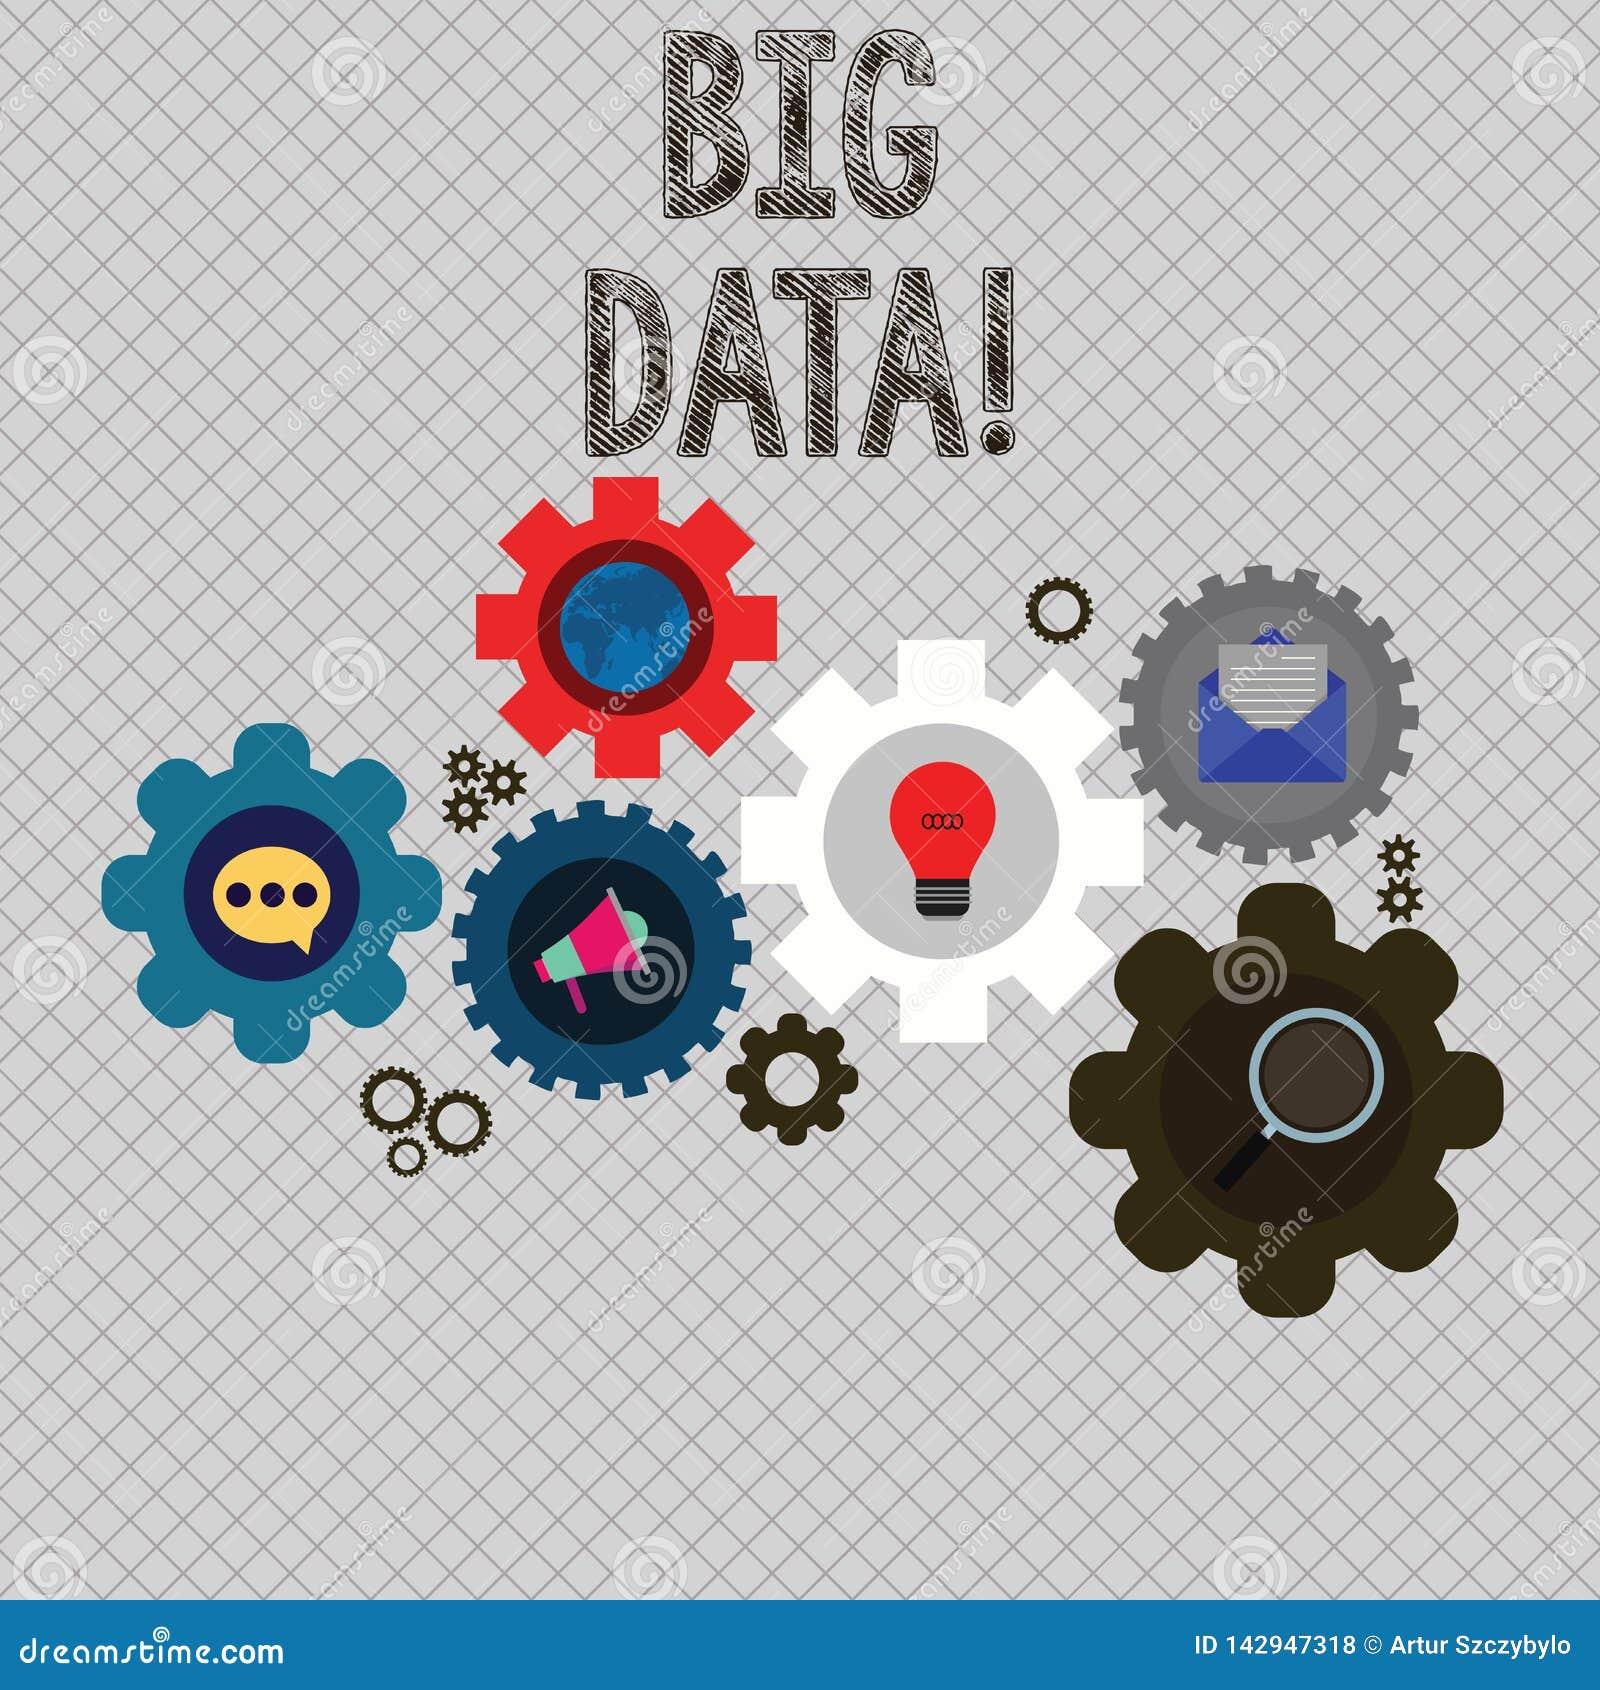 Schreibensanmerkung, die große Daten zeigt Geschäftsfoto, das extrem große Sätze zur Schau stellt, die möglicherweise analysiert